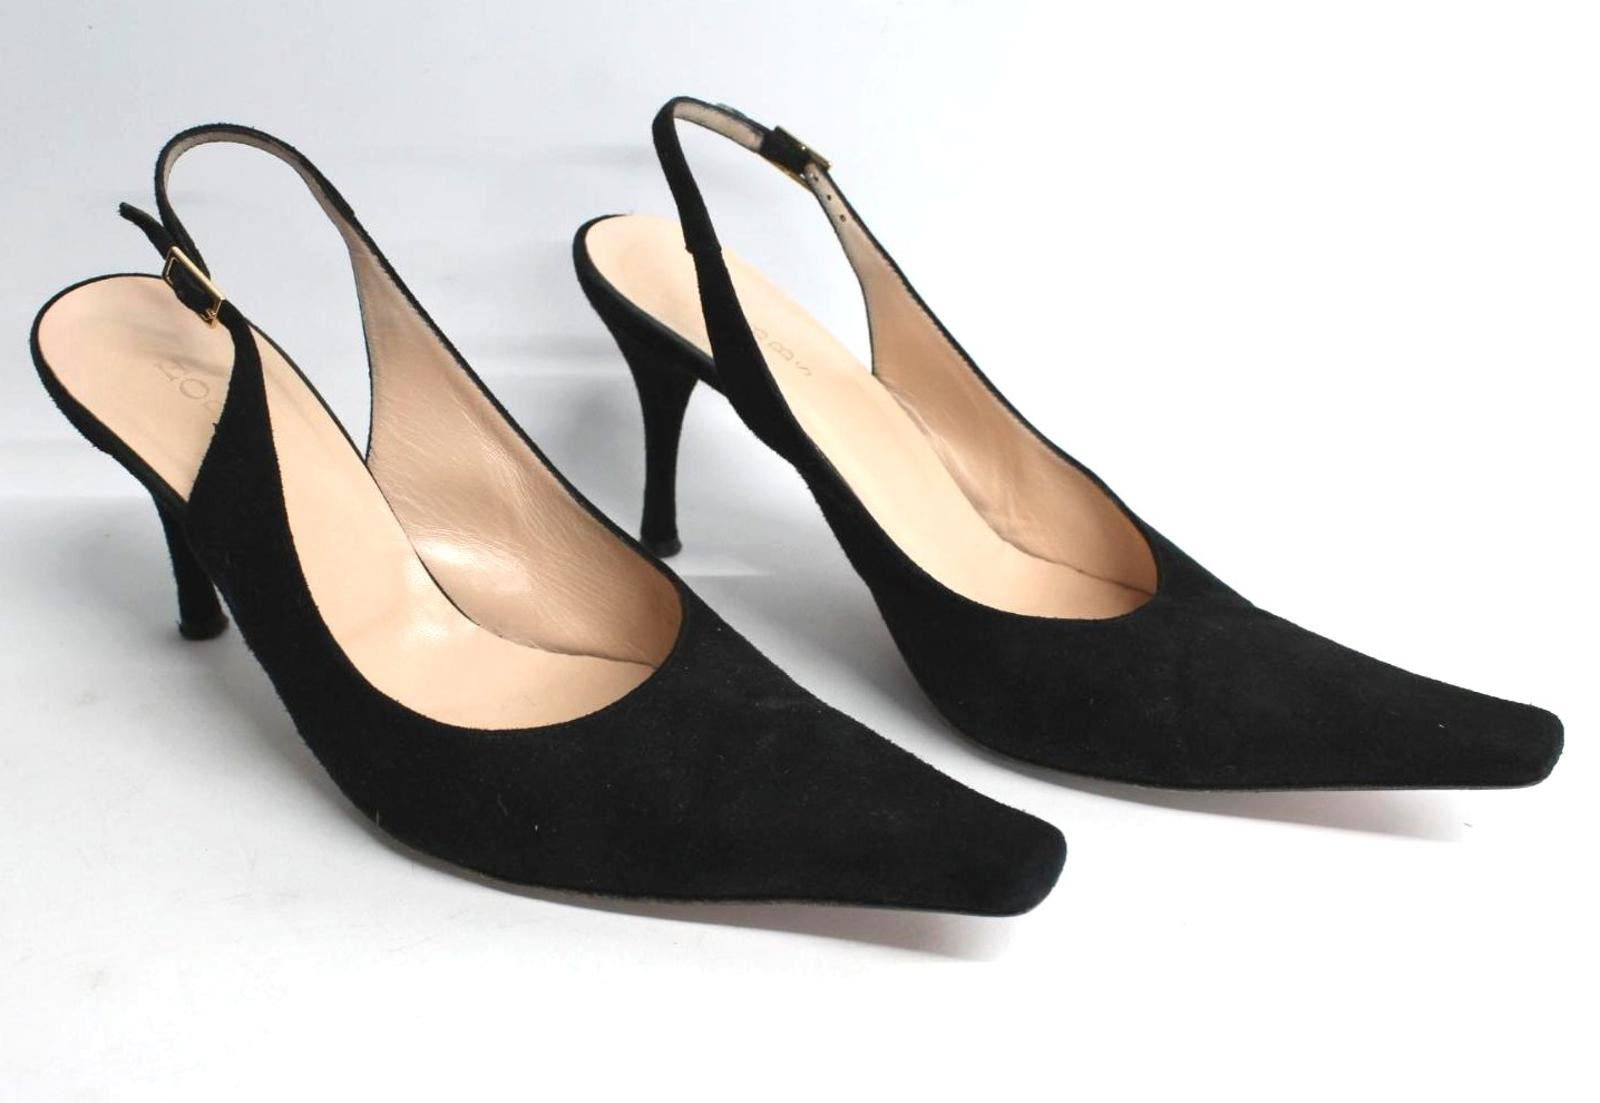 HOBBS-Ladies-Black-Suede-Sling-Back-Pointed-Toe-Stiletto-Heels-Shoe-UK6-5-EU39-5